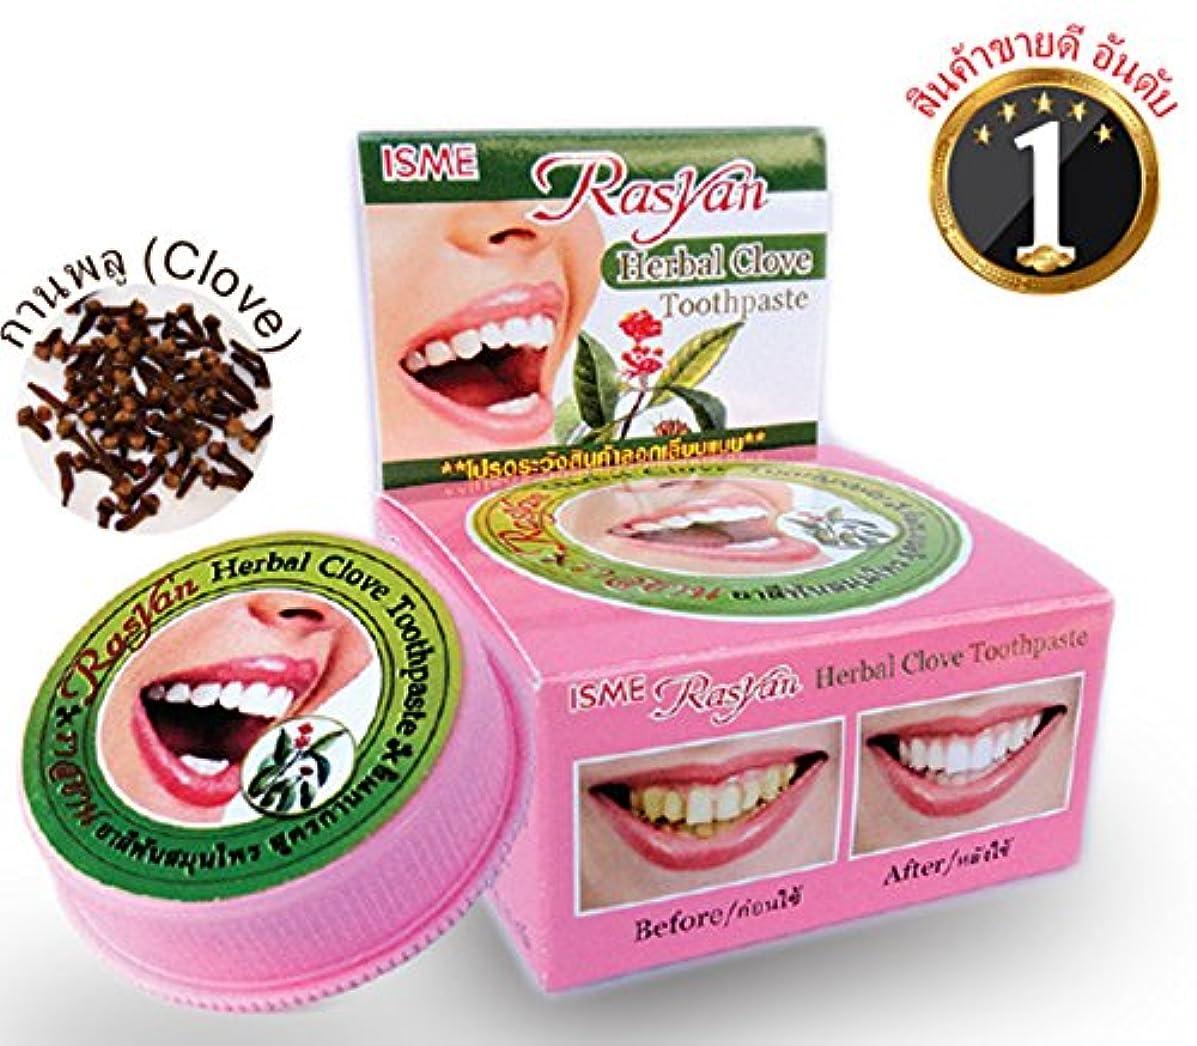 定義するボートクリア練り歯磨き ハーブ Thai Herbal Rasyan Herbal Clove Toothpaste (5 Gram Size) 2 Pcs.